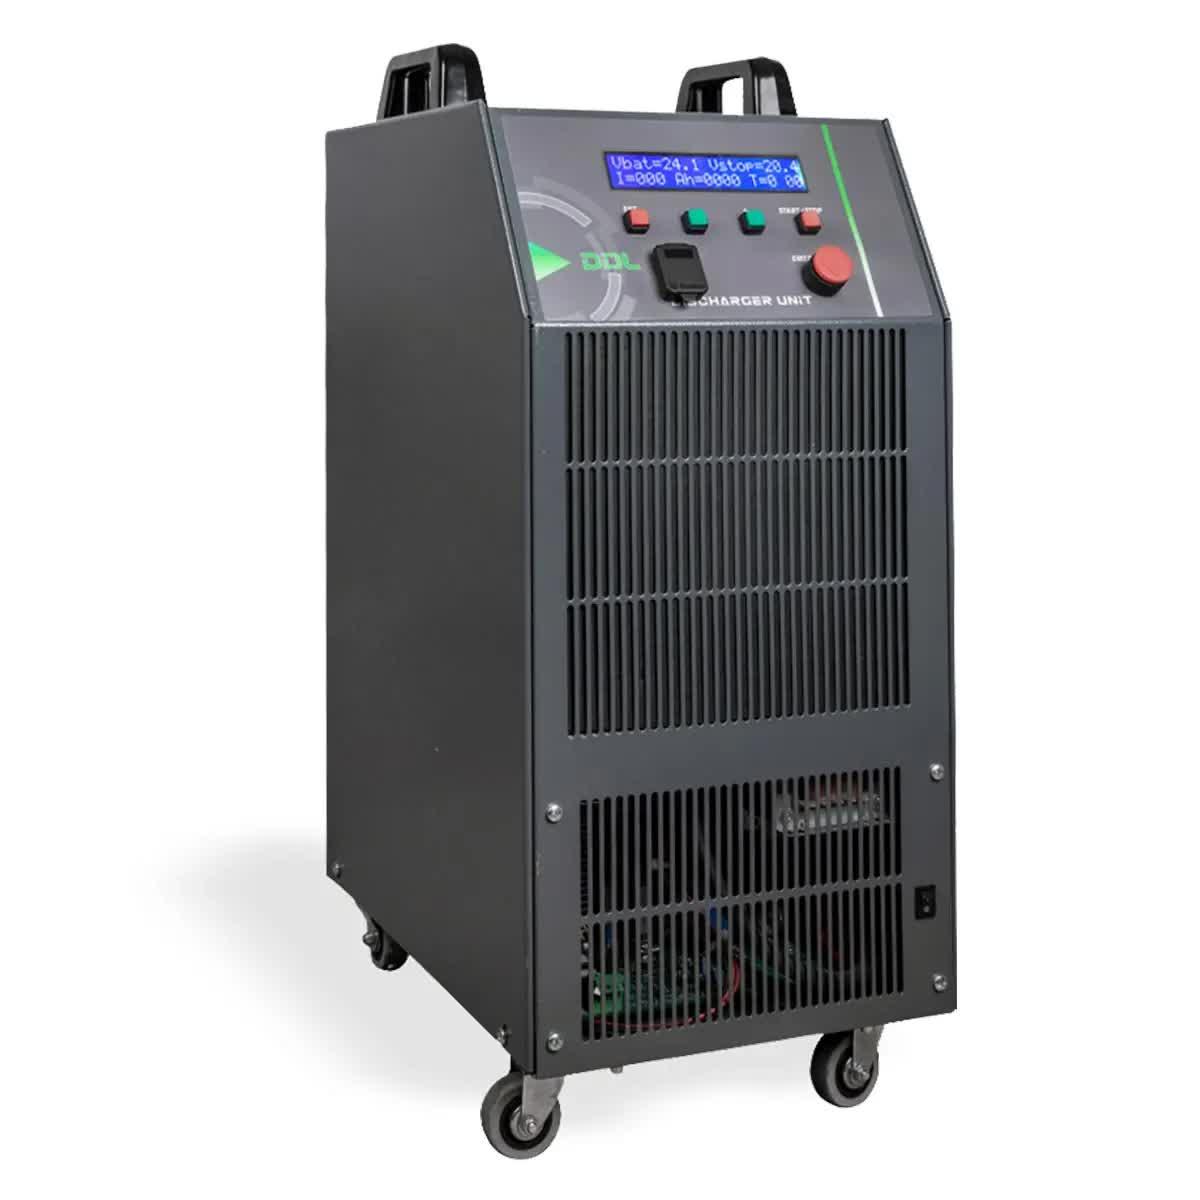 Diagnóstico de baterías industriales, Brescia, Italia, ATIB Elettronica